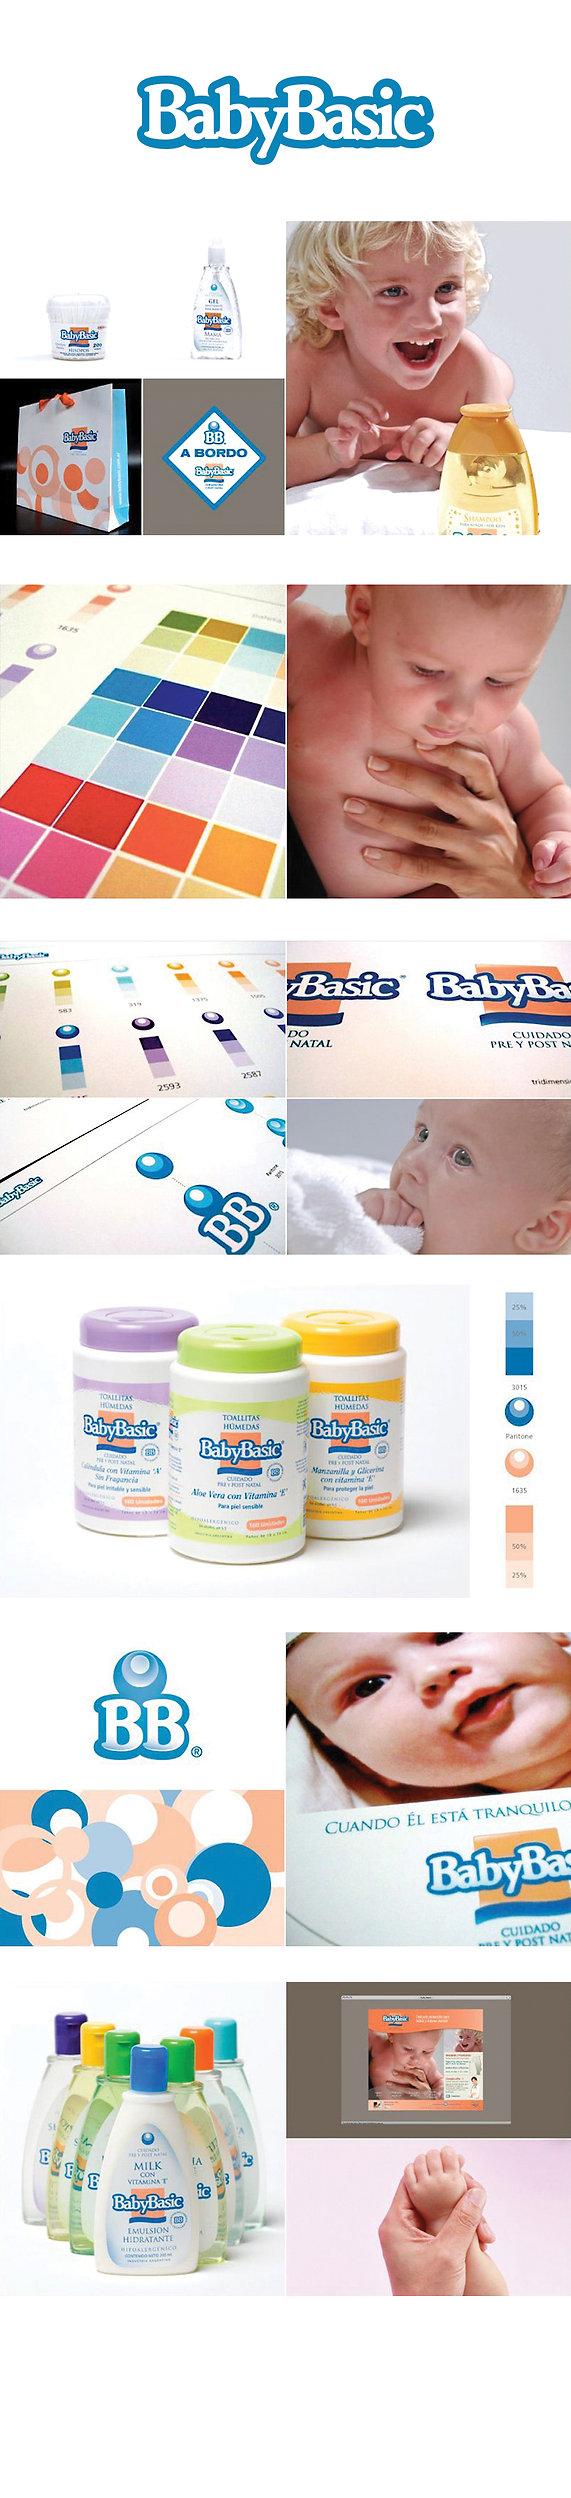 BabyBasic.jpg